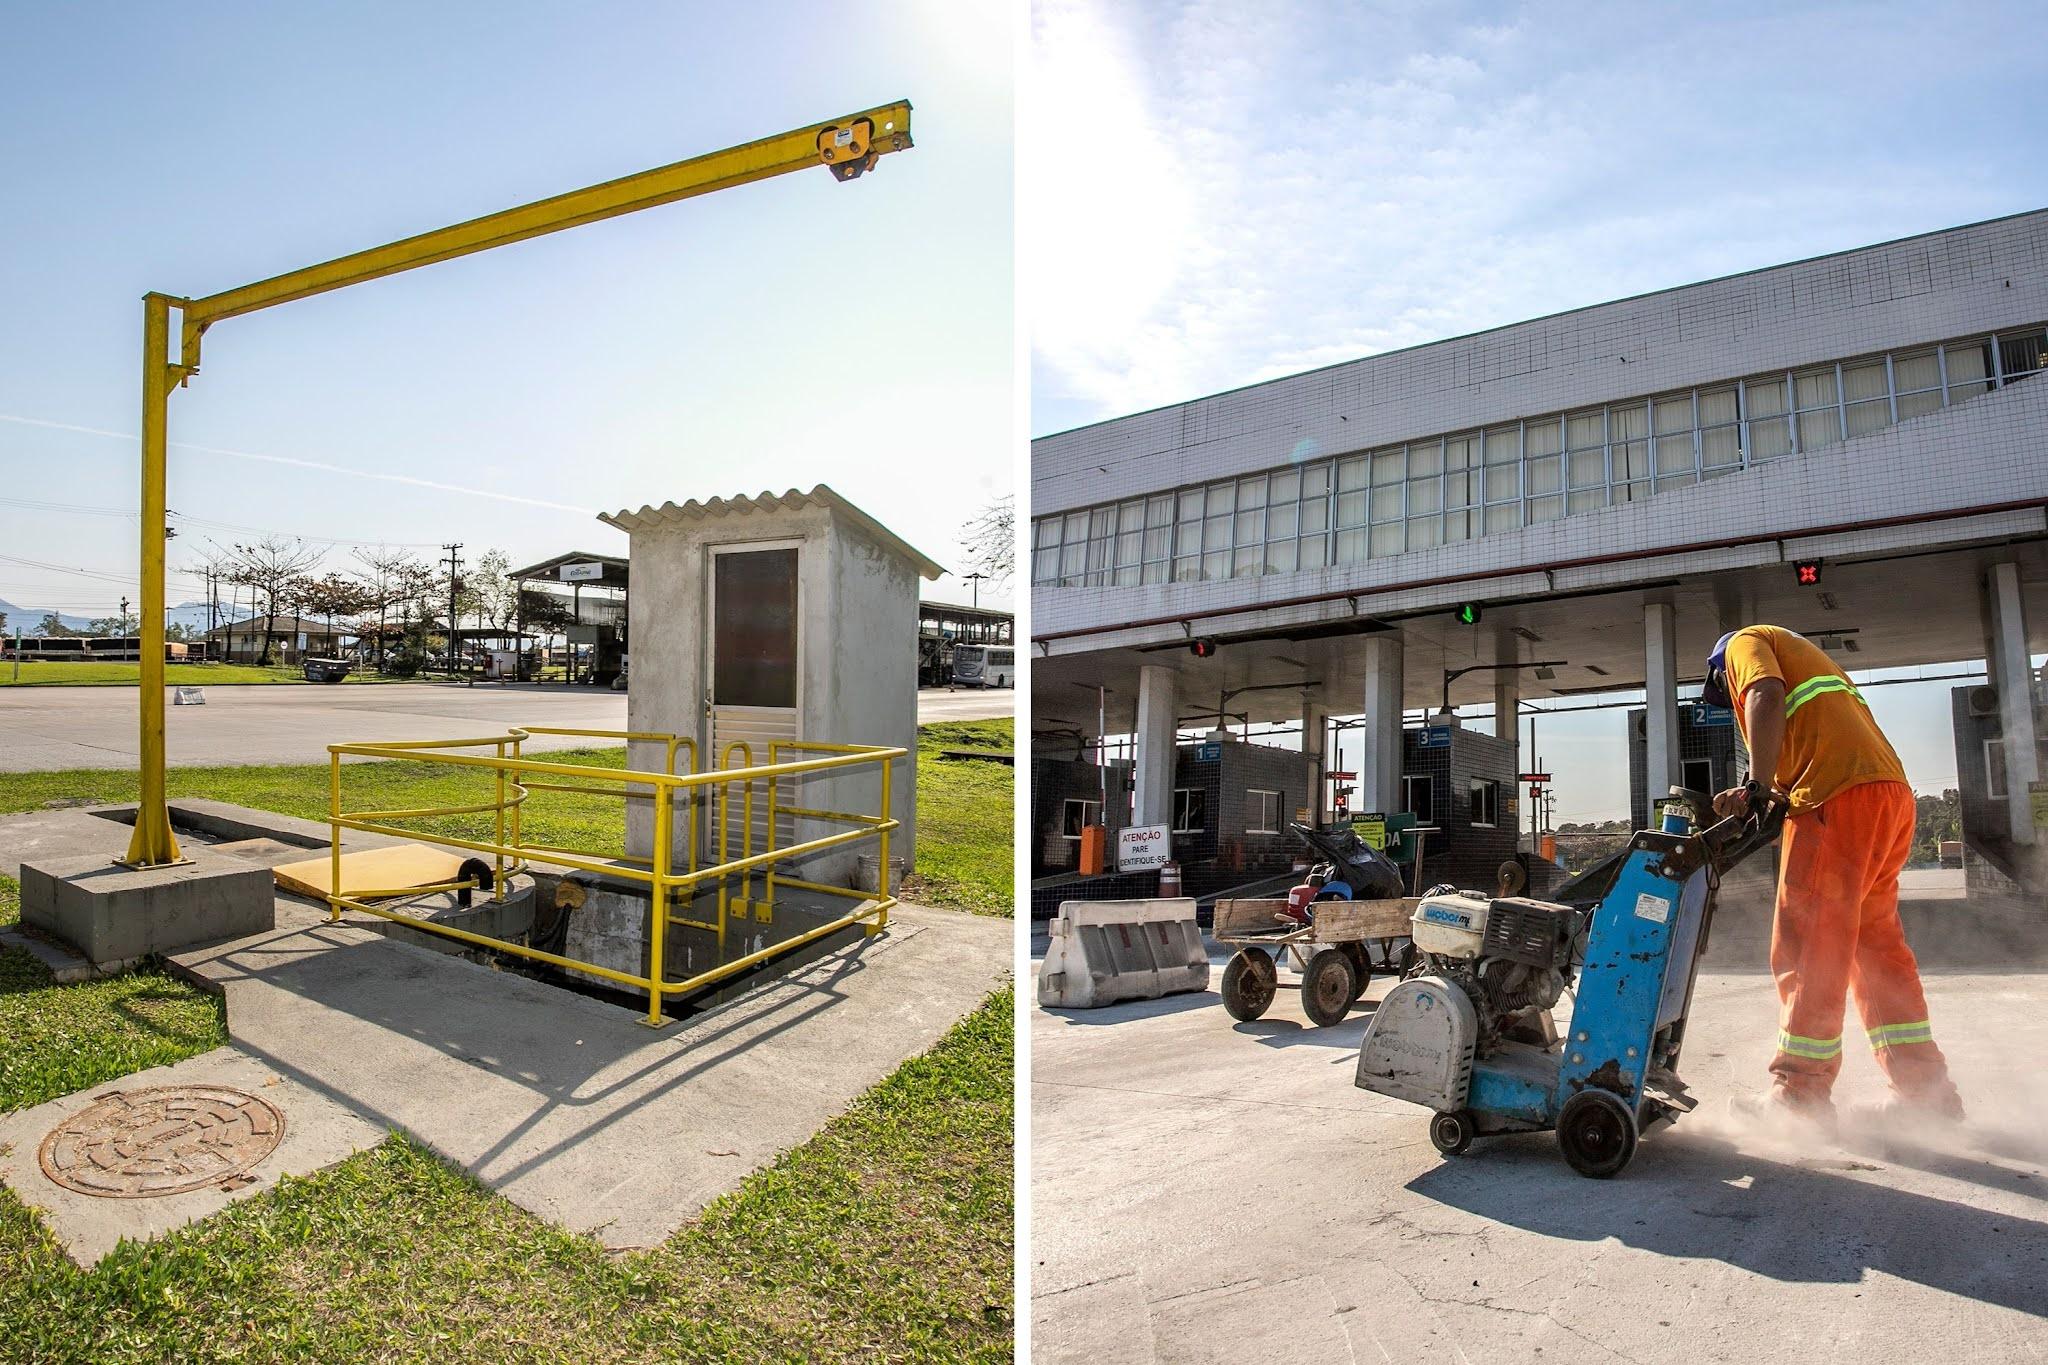 Pátio de Triagem do Porto de Paranaguá recebe manutenção e melhorias